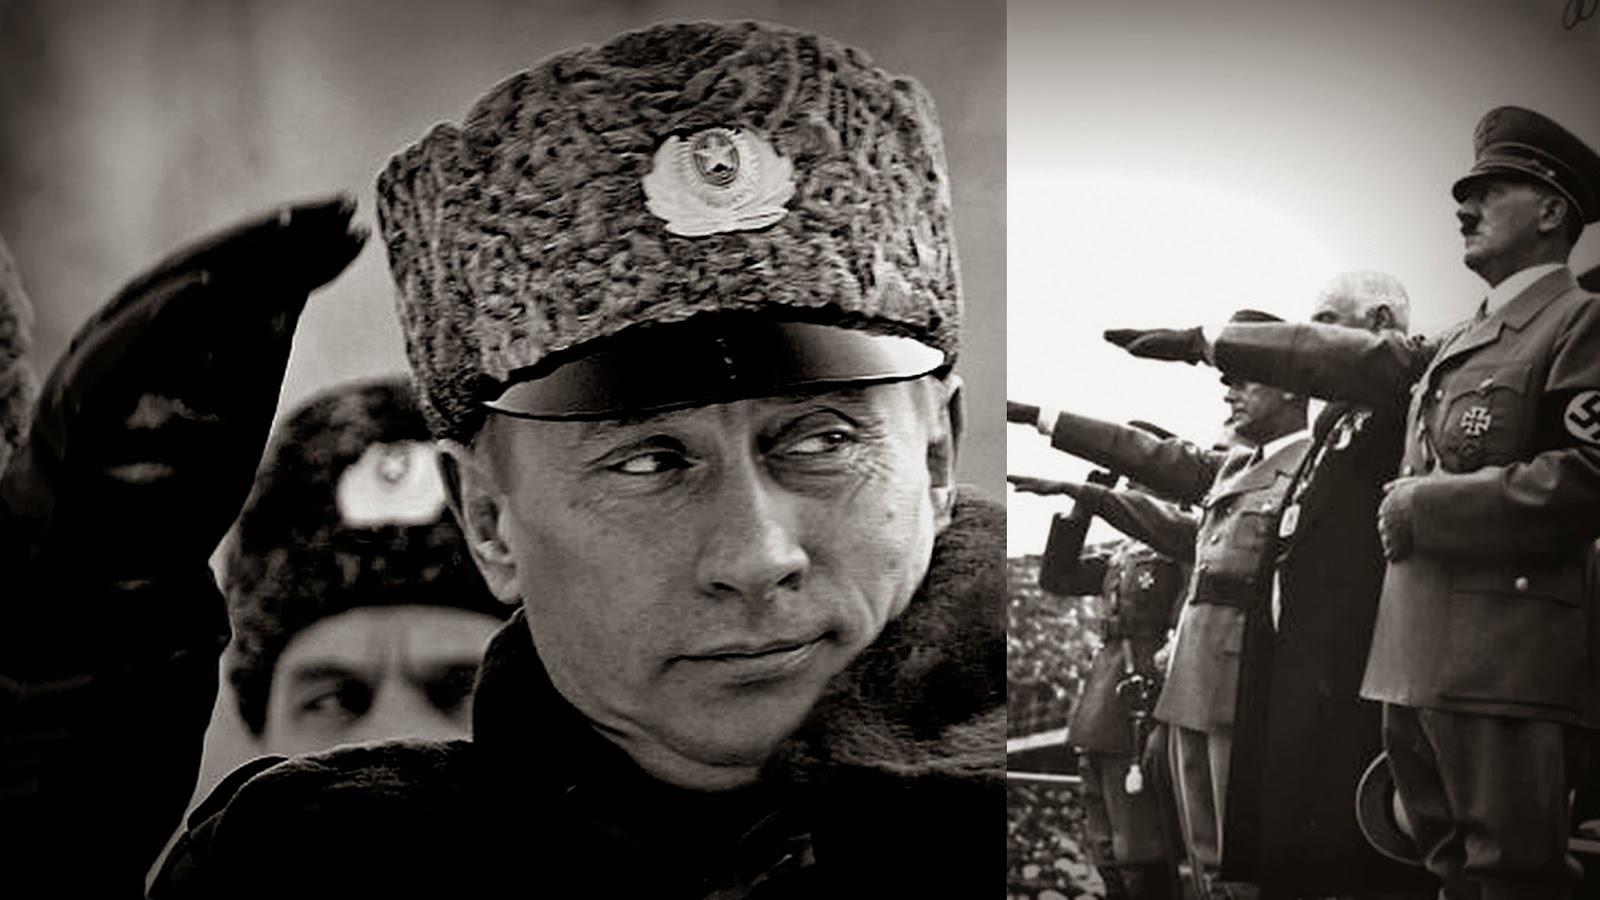 Montreal Simon: The Putin Olympics and the Nazi Games of 2014